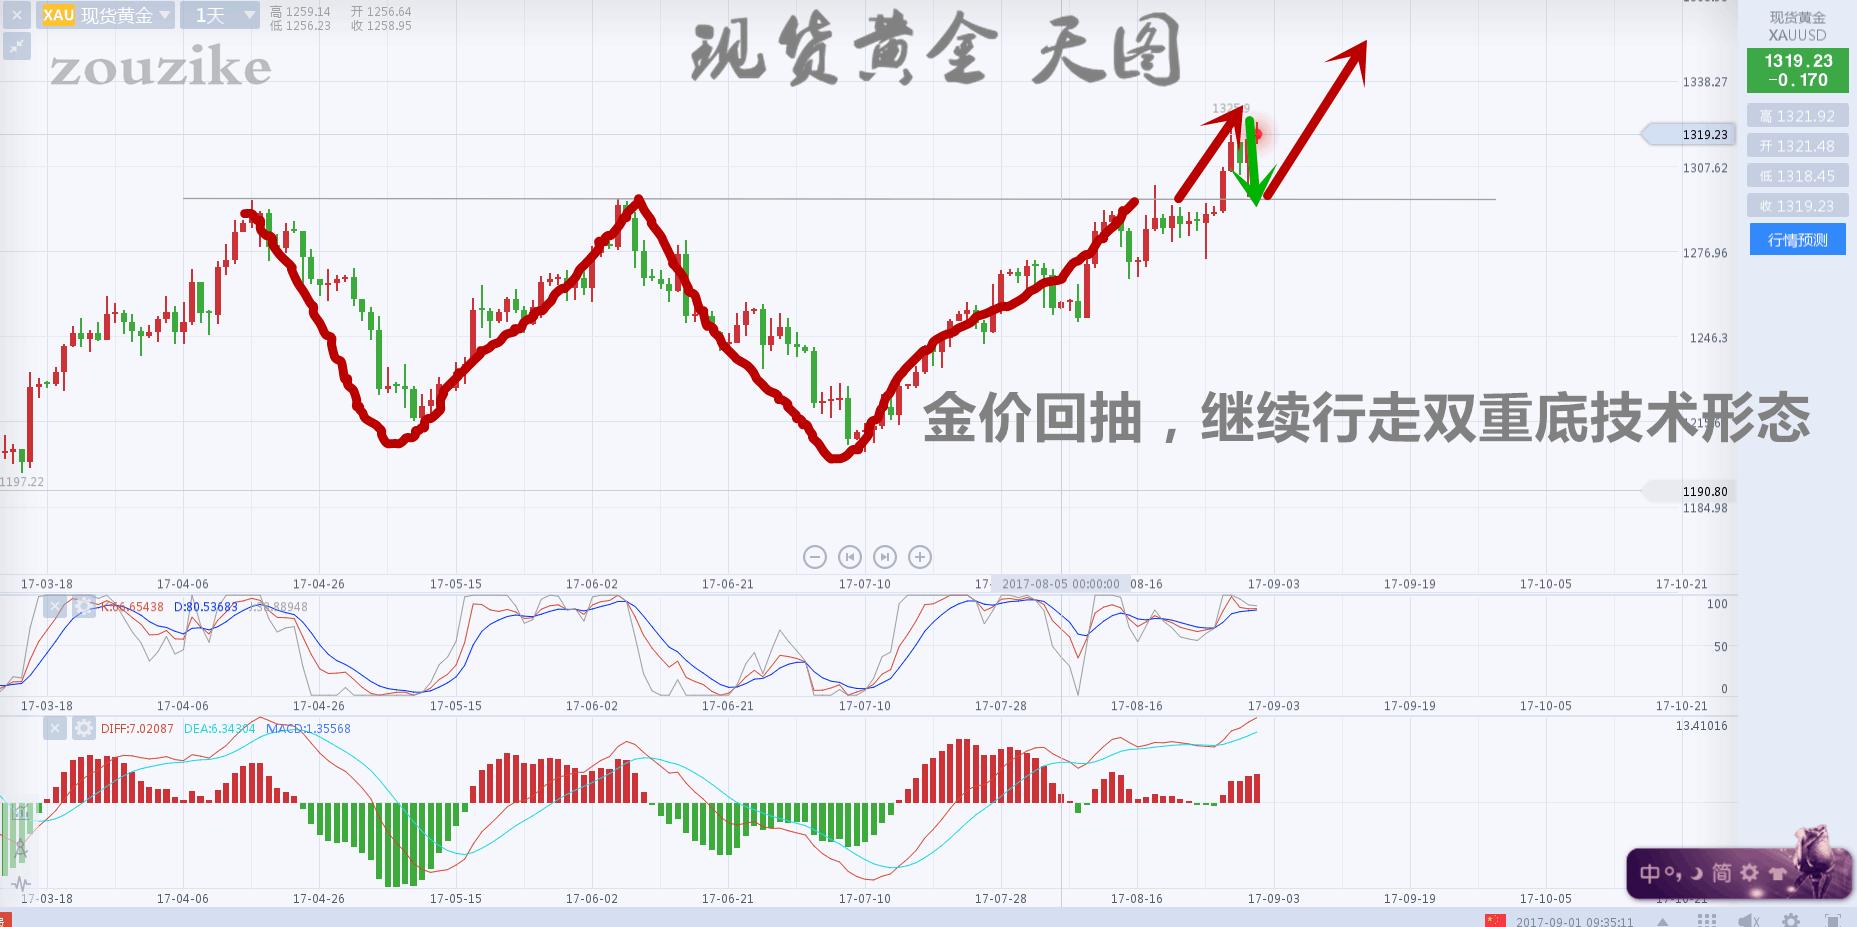 邹子恪:黄金大跌大涨难握方向,空单如何解套,怎么布局非农